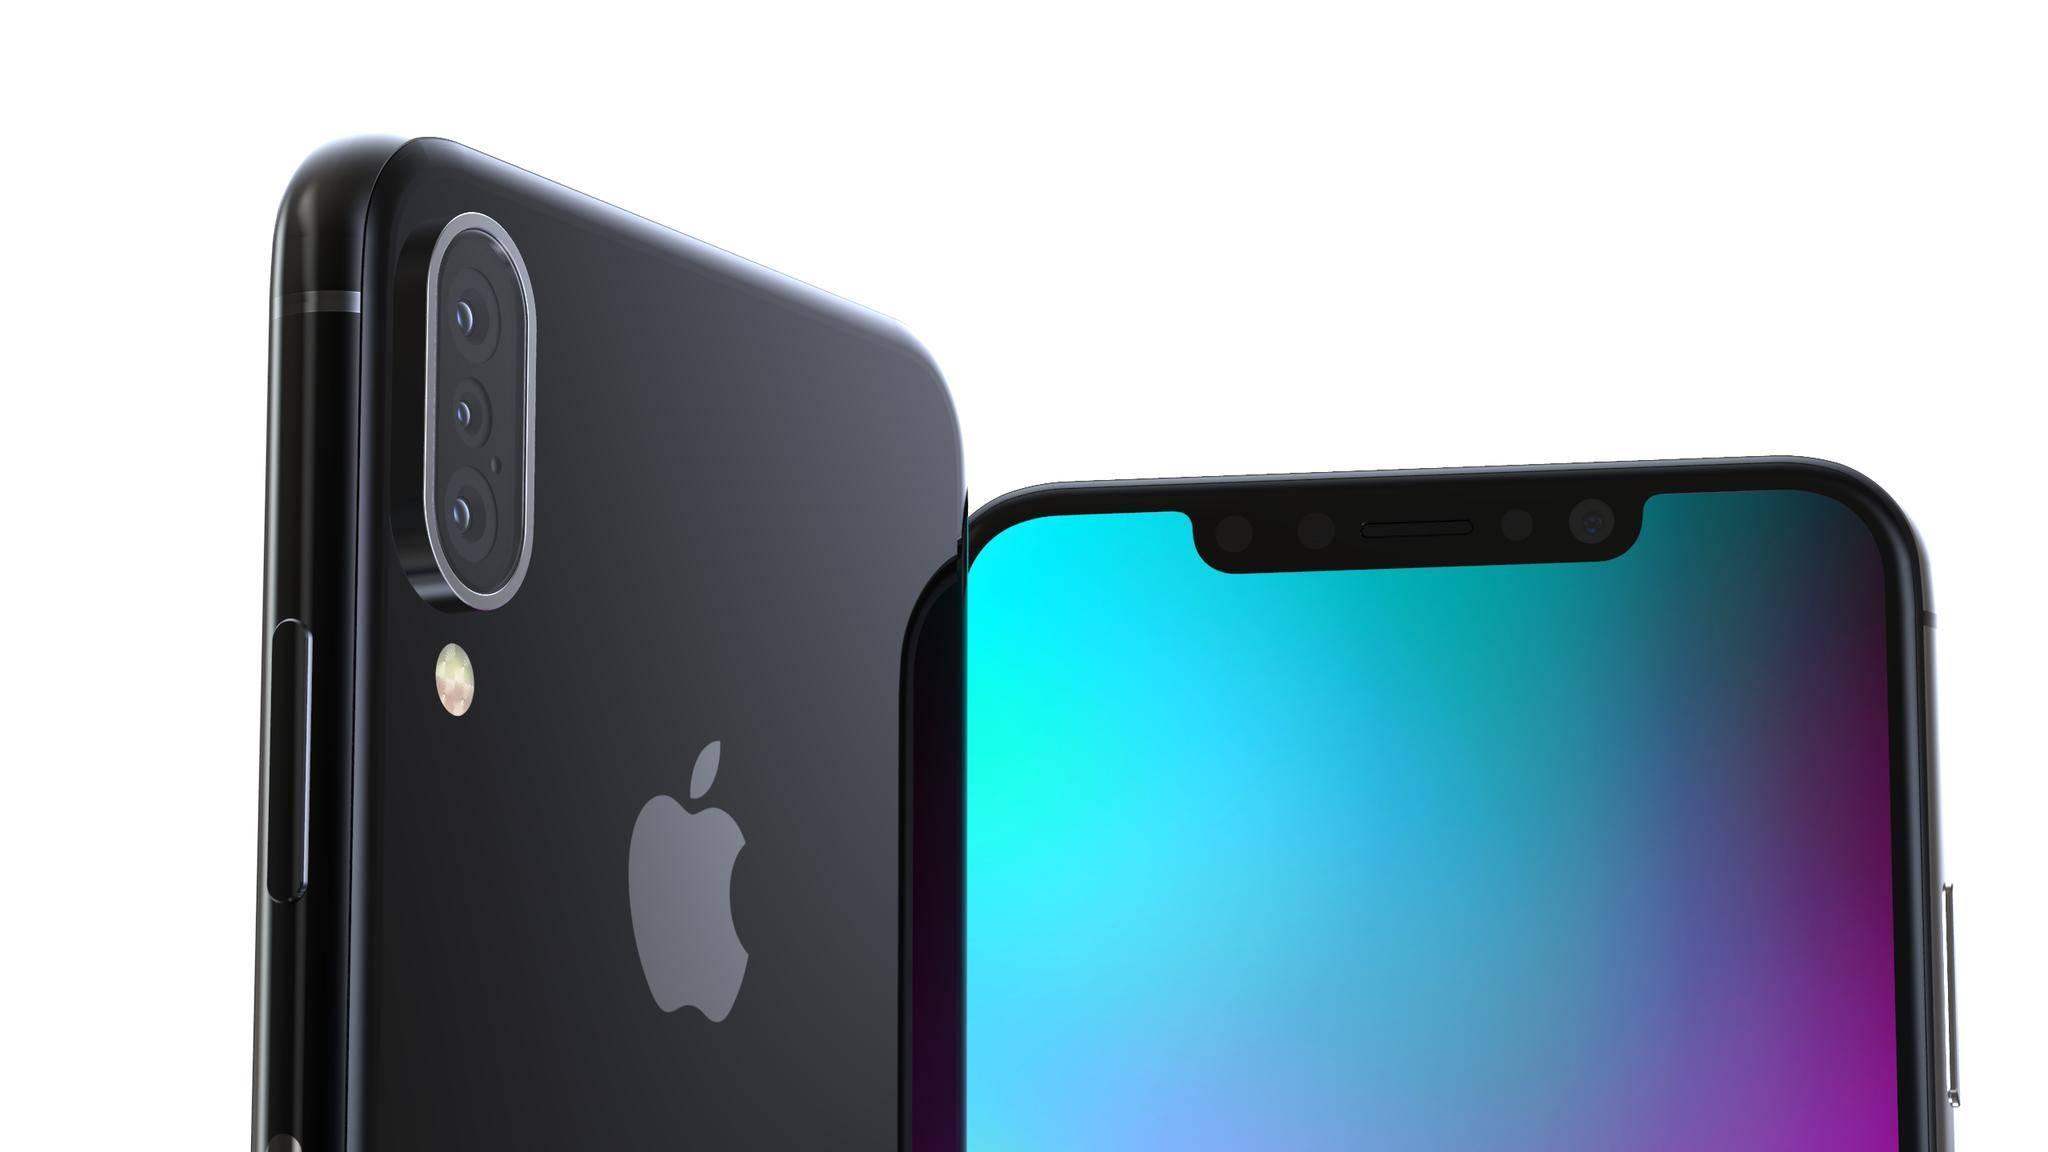 Die neuen 2018er iPhone-Modelle könnten schnelleres Wireless Charging bieten.